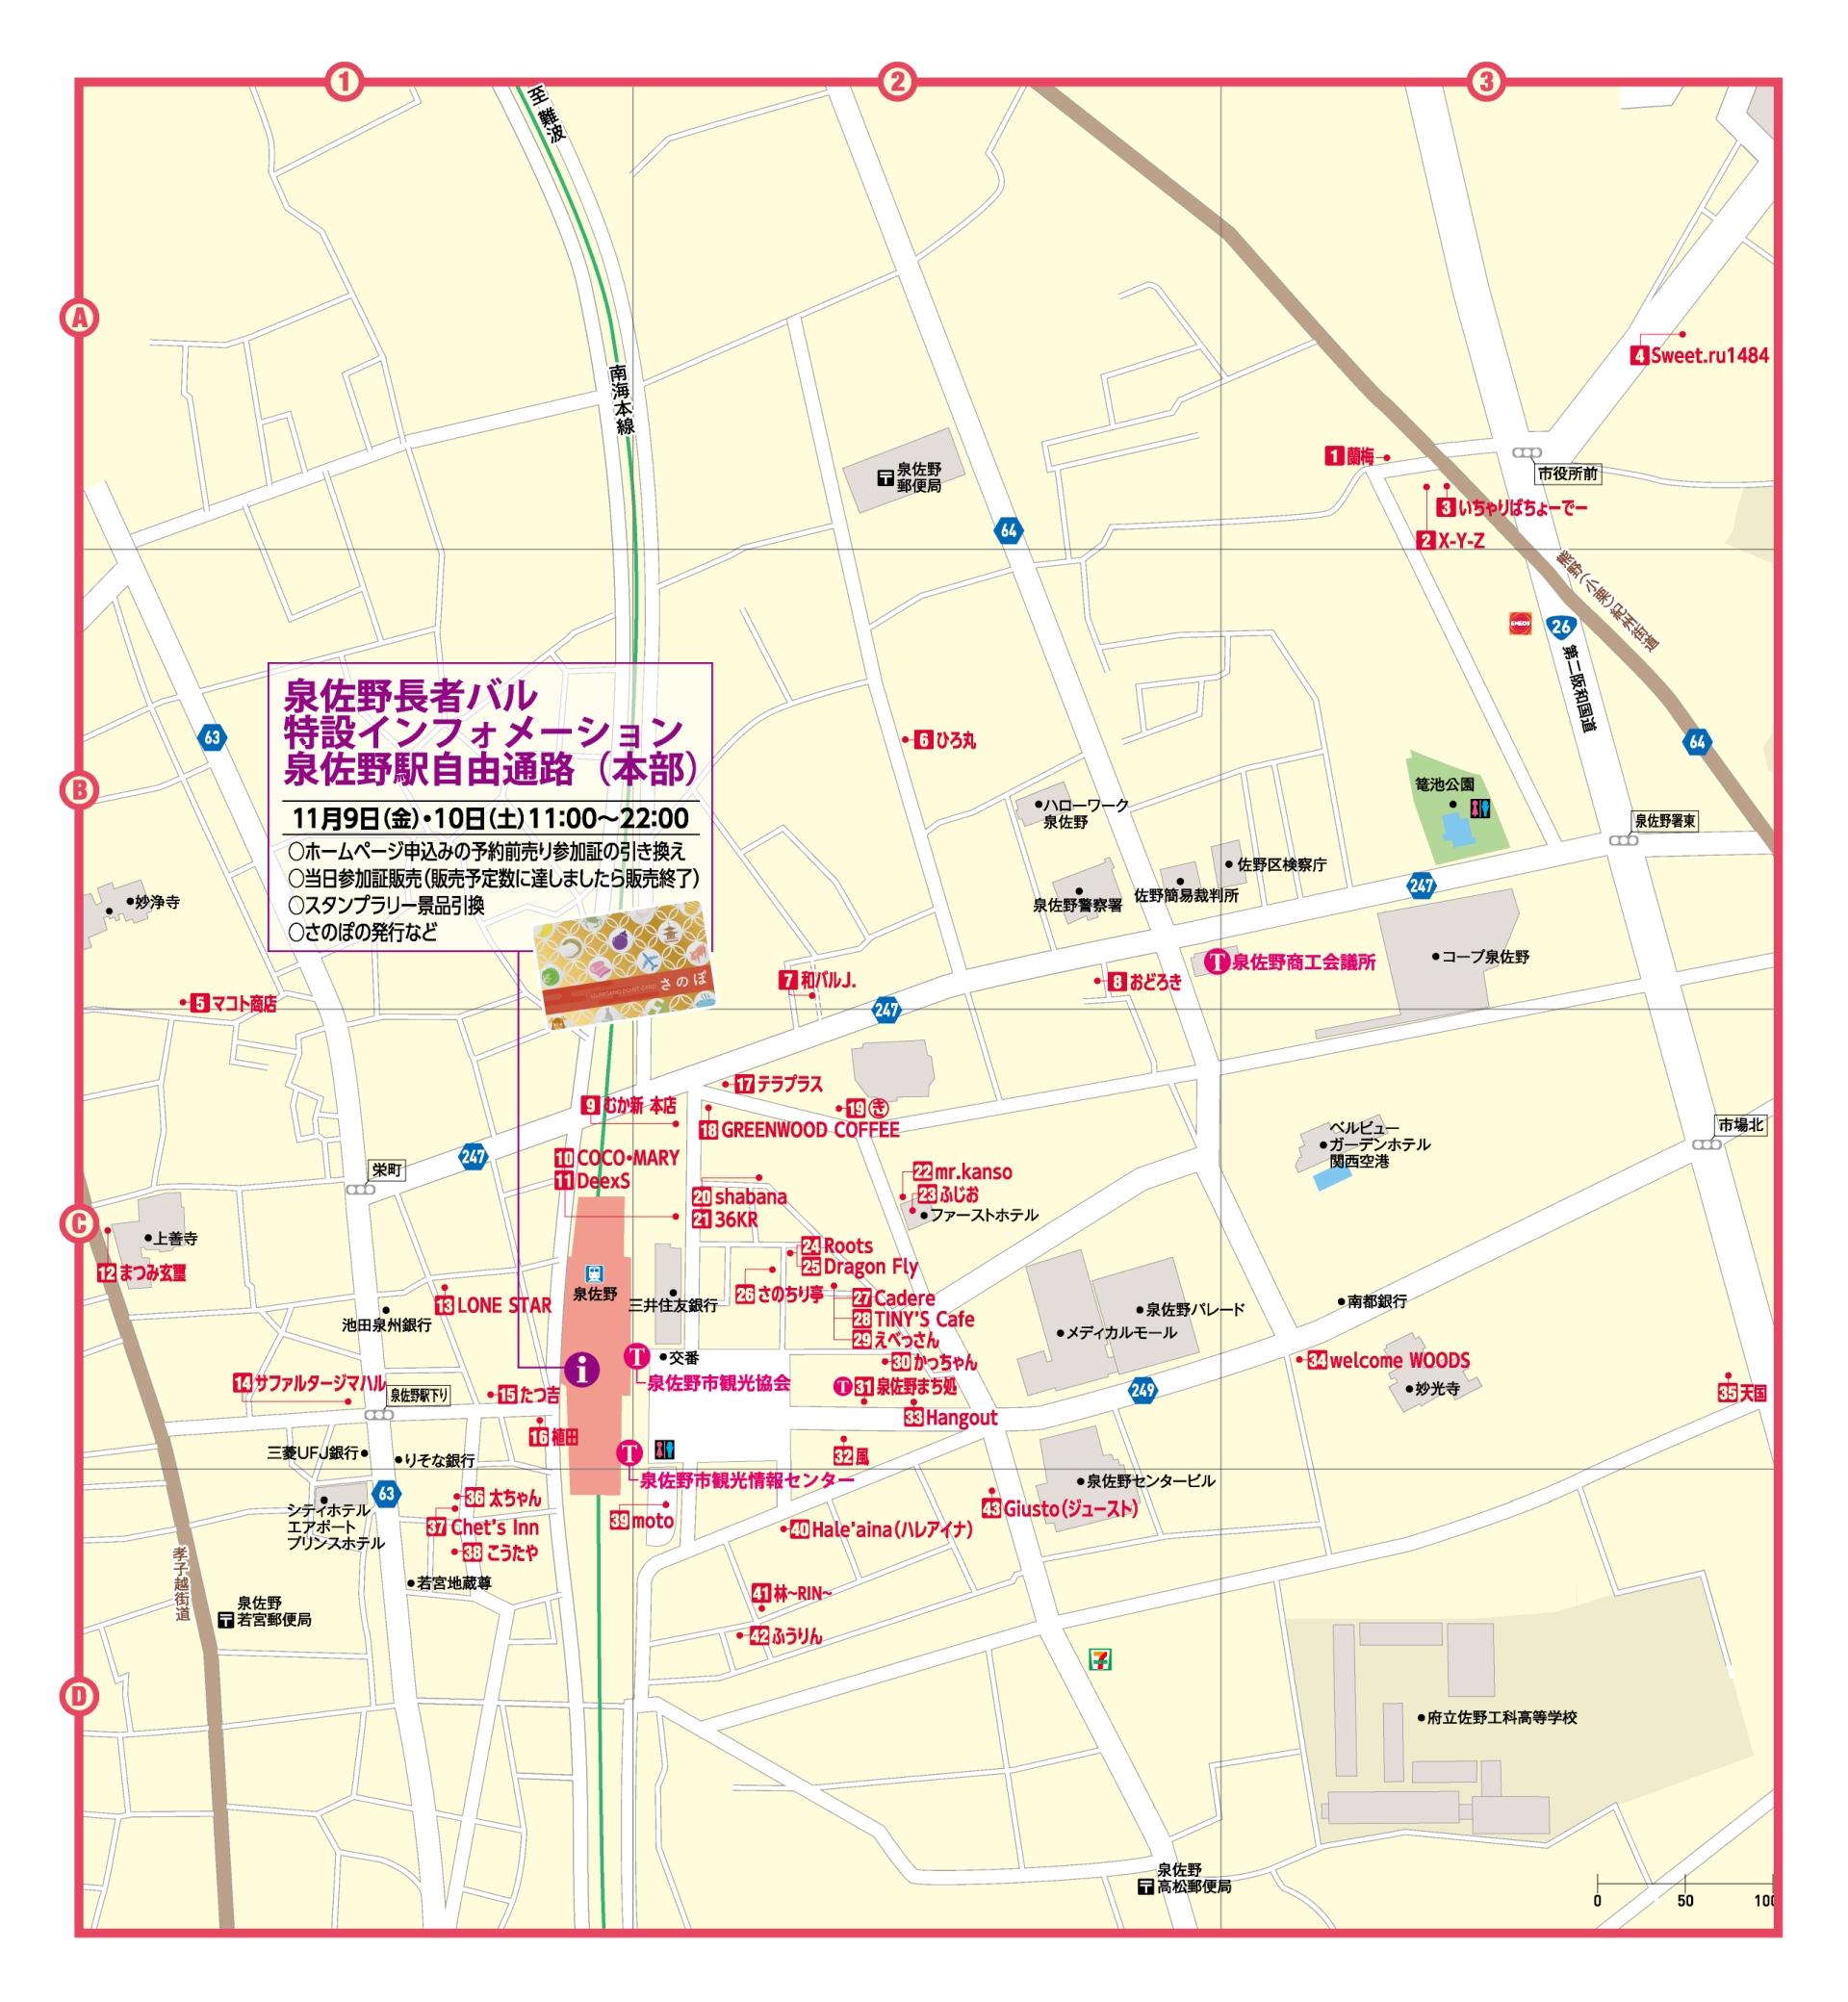 泉佐野駅周辺参加店舖